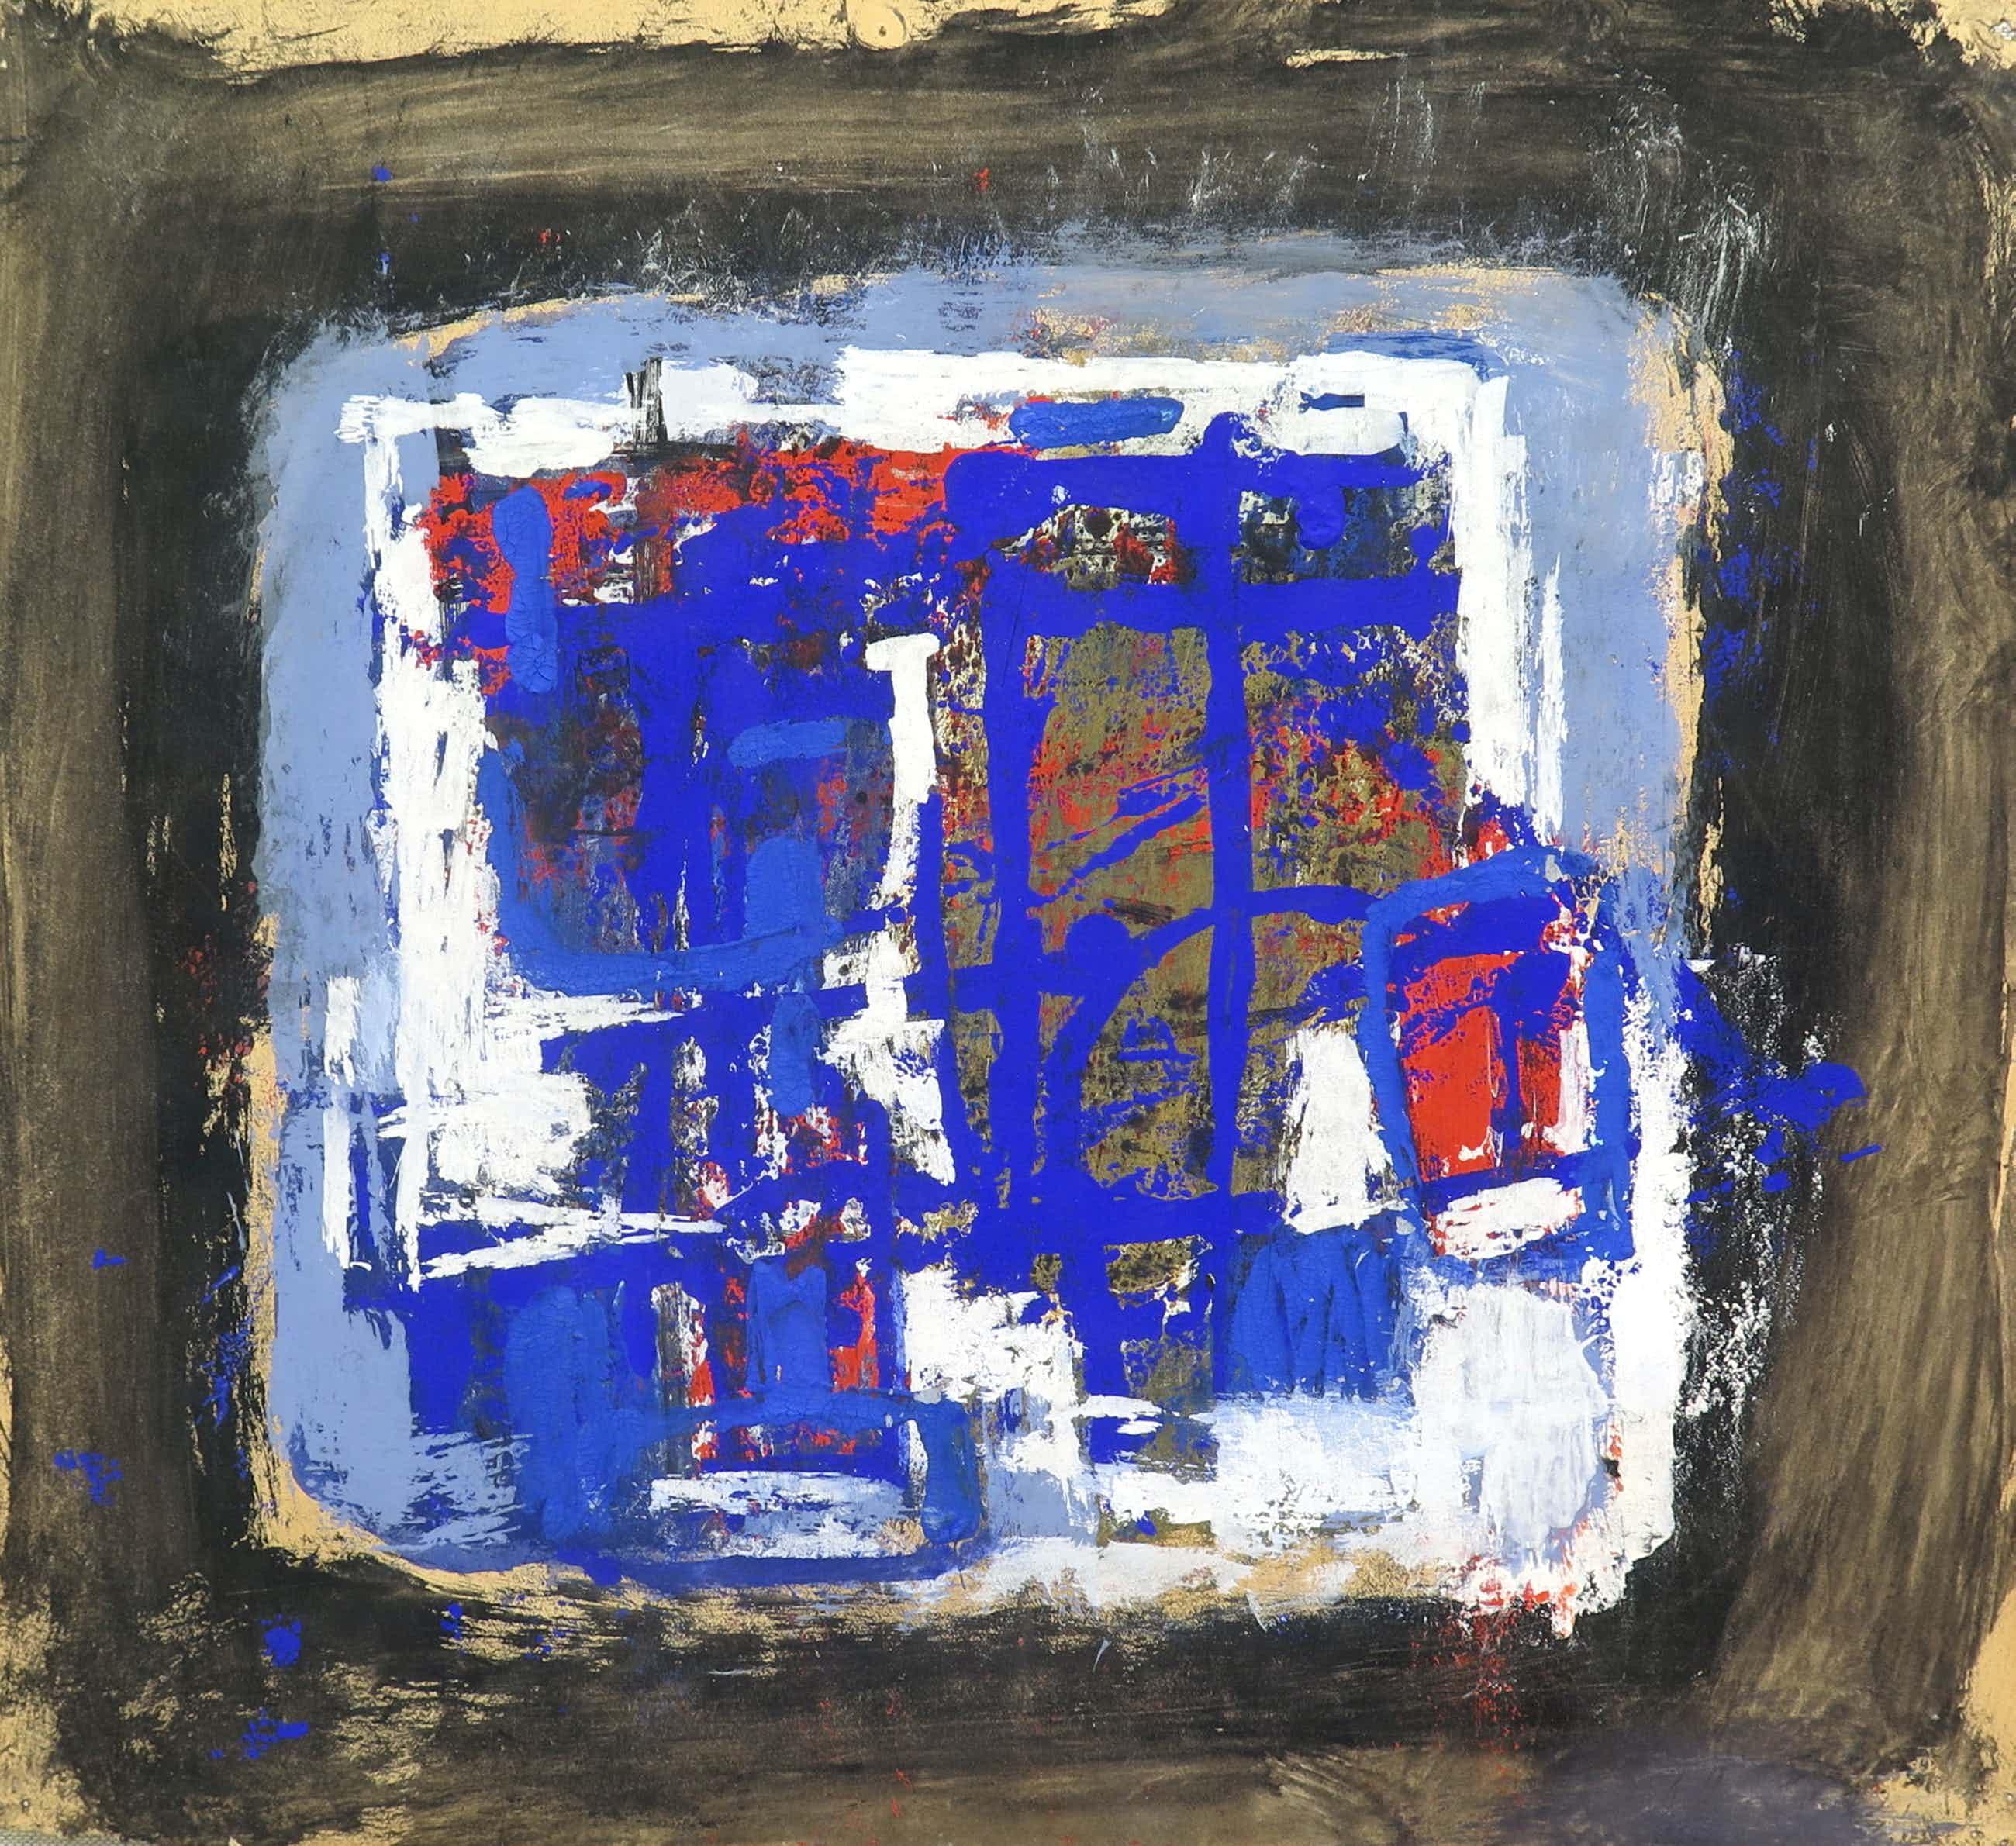 Jaap Nanninga - Abstracte compositie, gouache kopen? Bied vanaf 850!